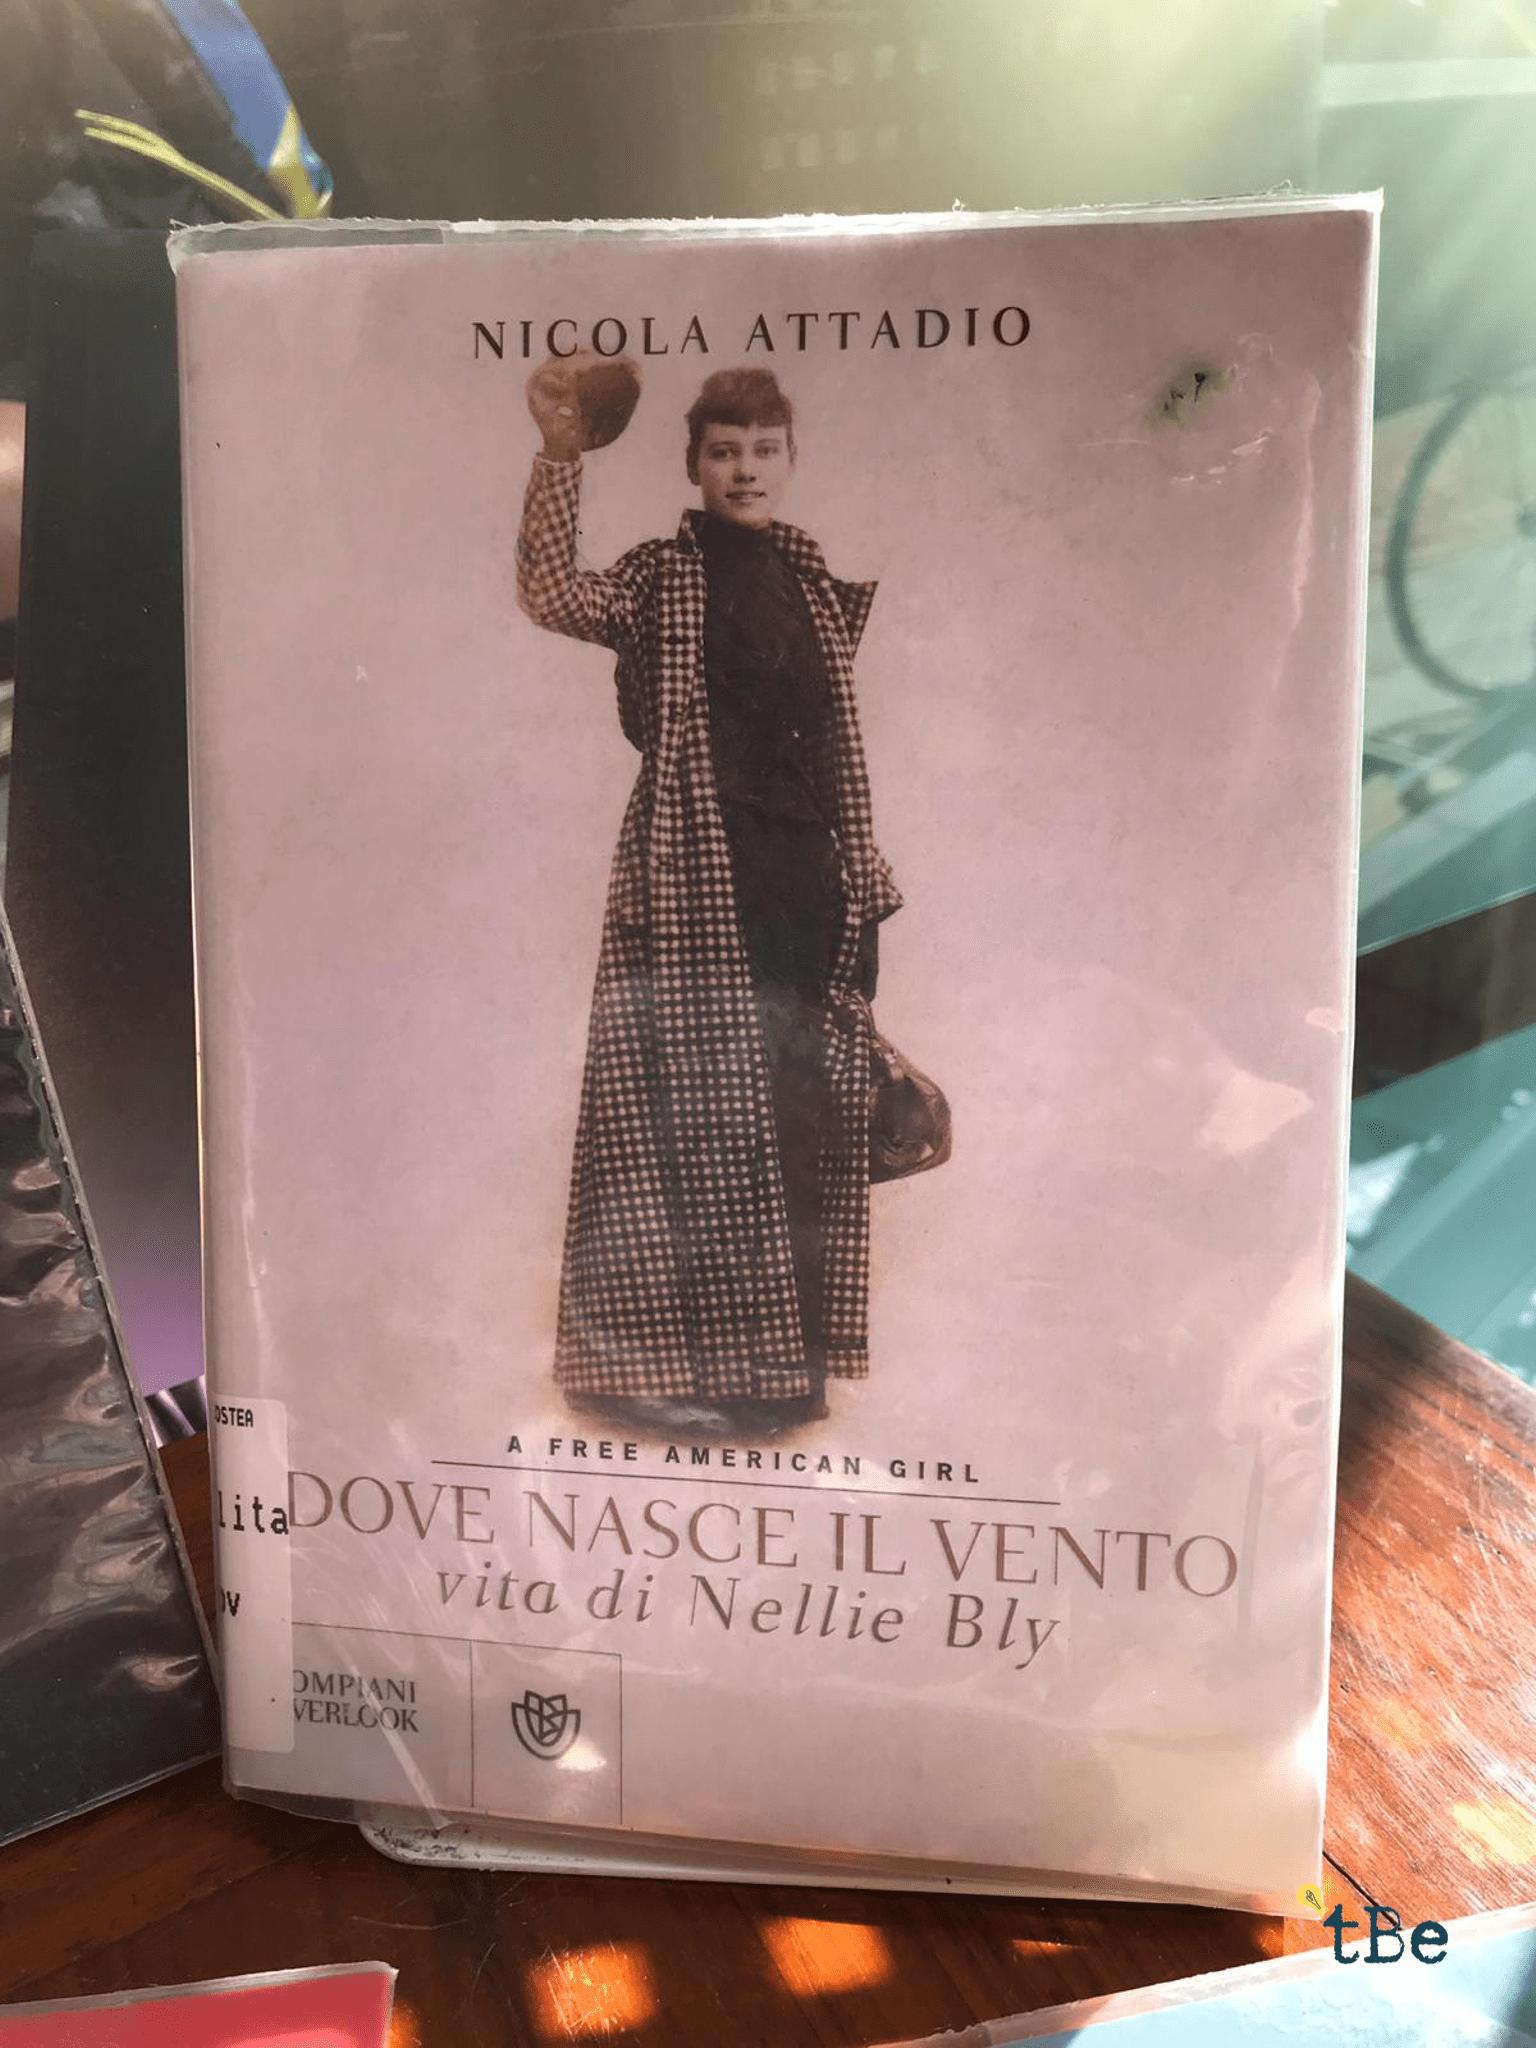 Nicola Attadio - Dove nasce il vento. Vita di Nellie Bly - immagine principale